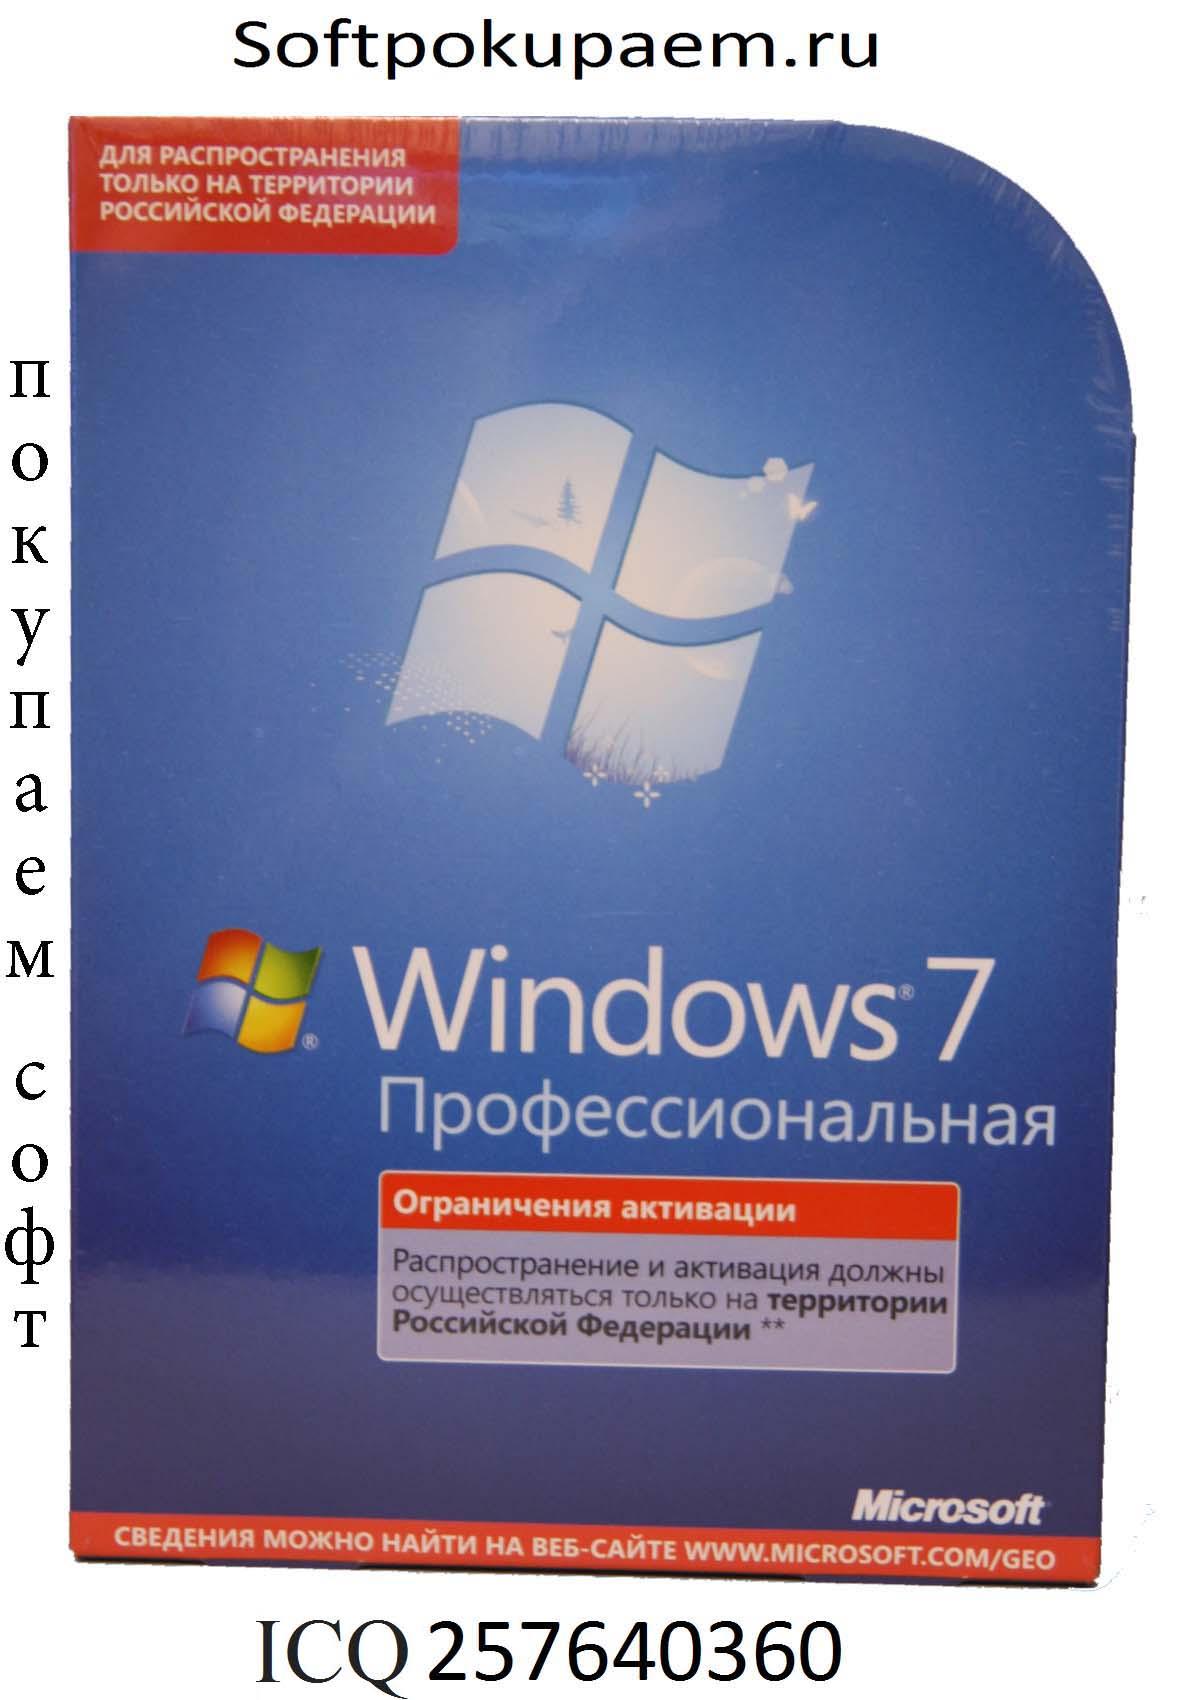 Microsoft (Майкрософт) купим оперативно и дорого 8 963 6456273